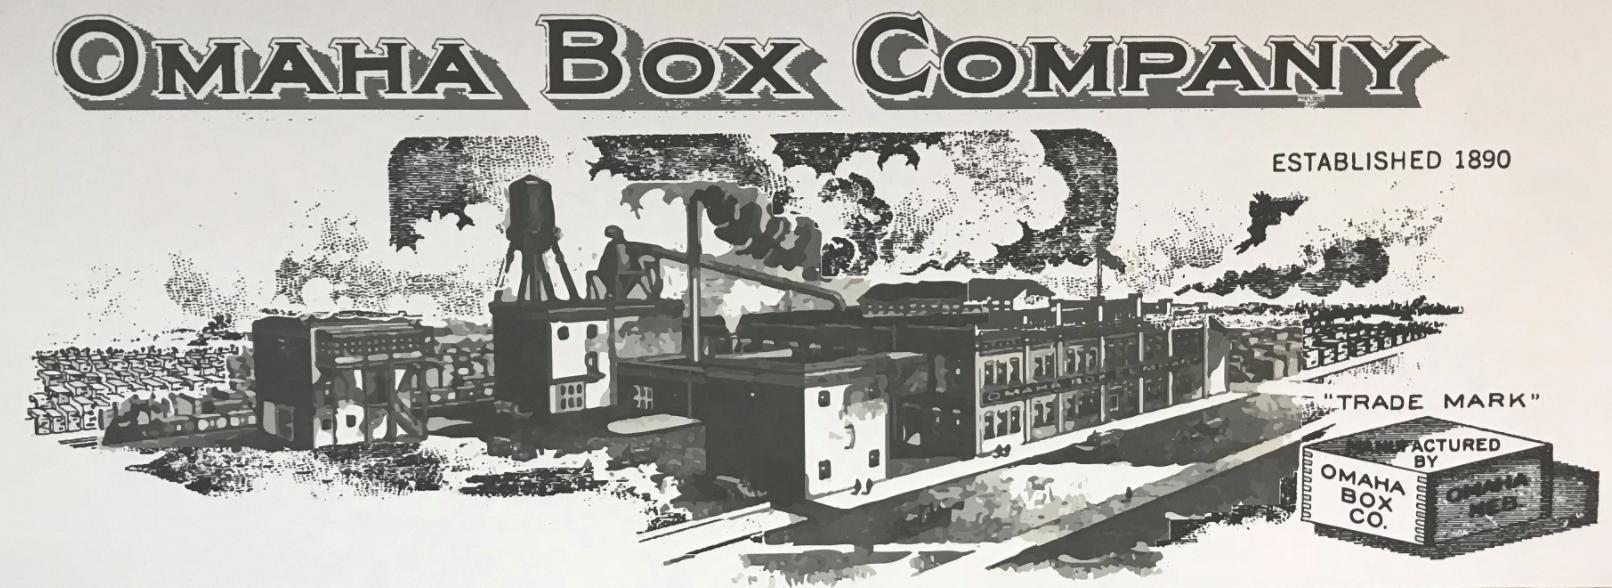 Omaha Box Company, East Omaha, Nebraska